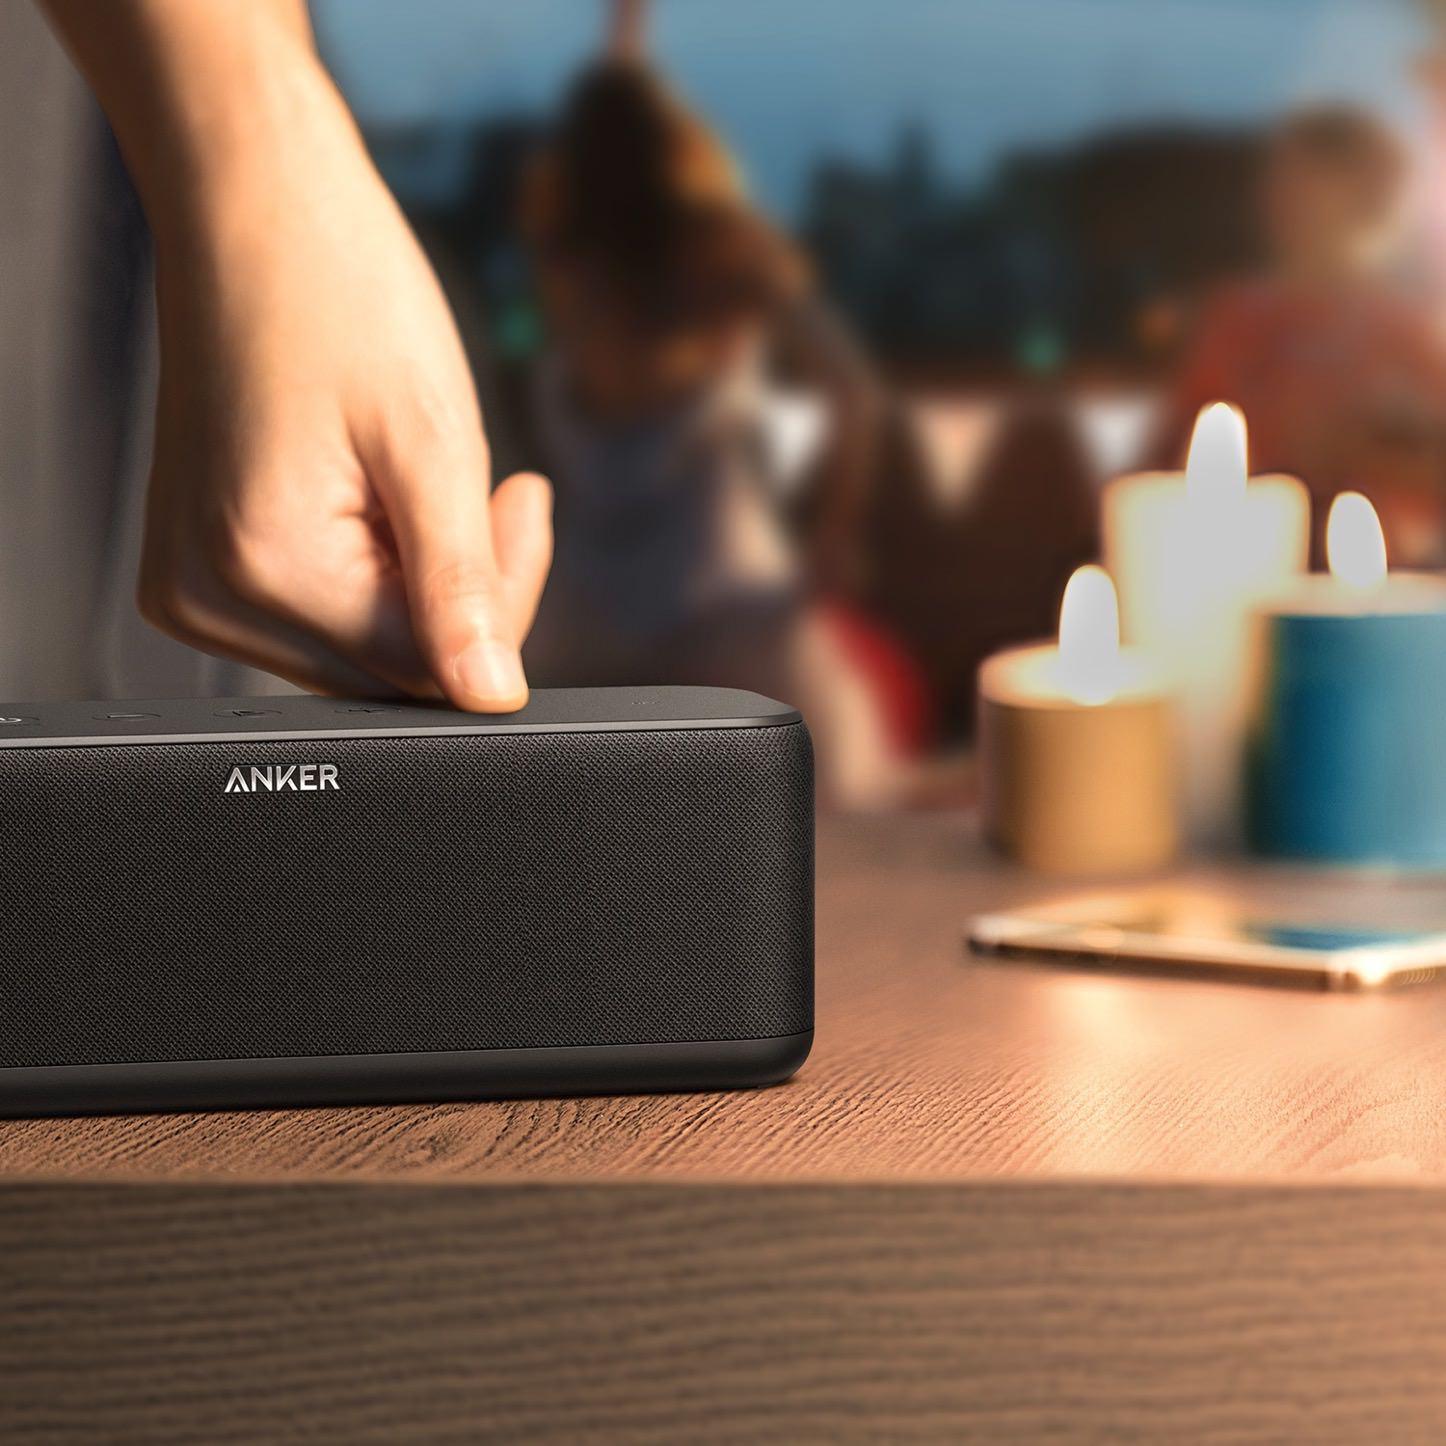 Anker-SoundCore-Boost-Wireless-Speakers-08.jpg